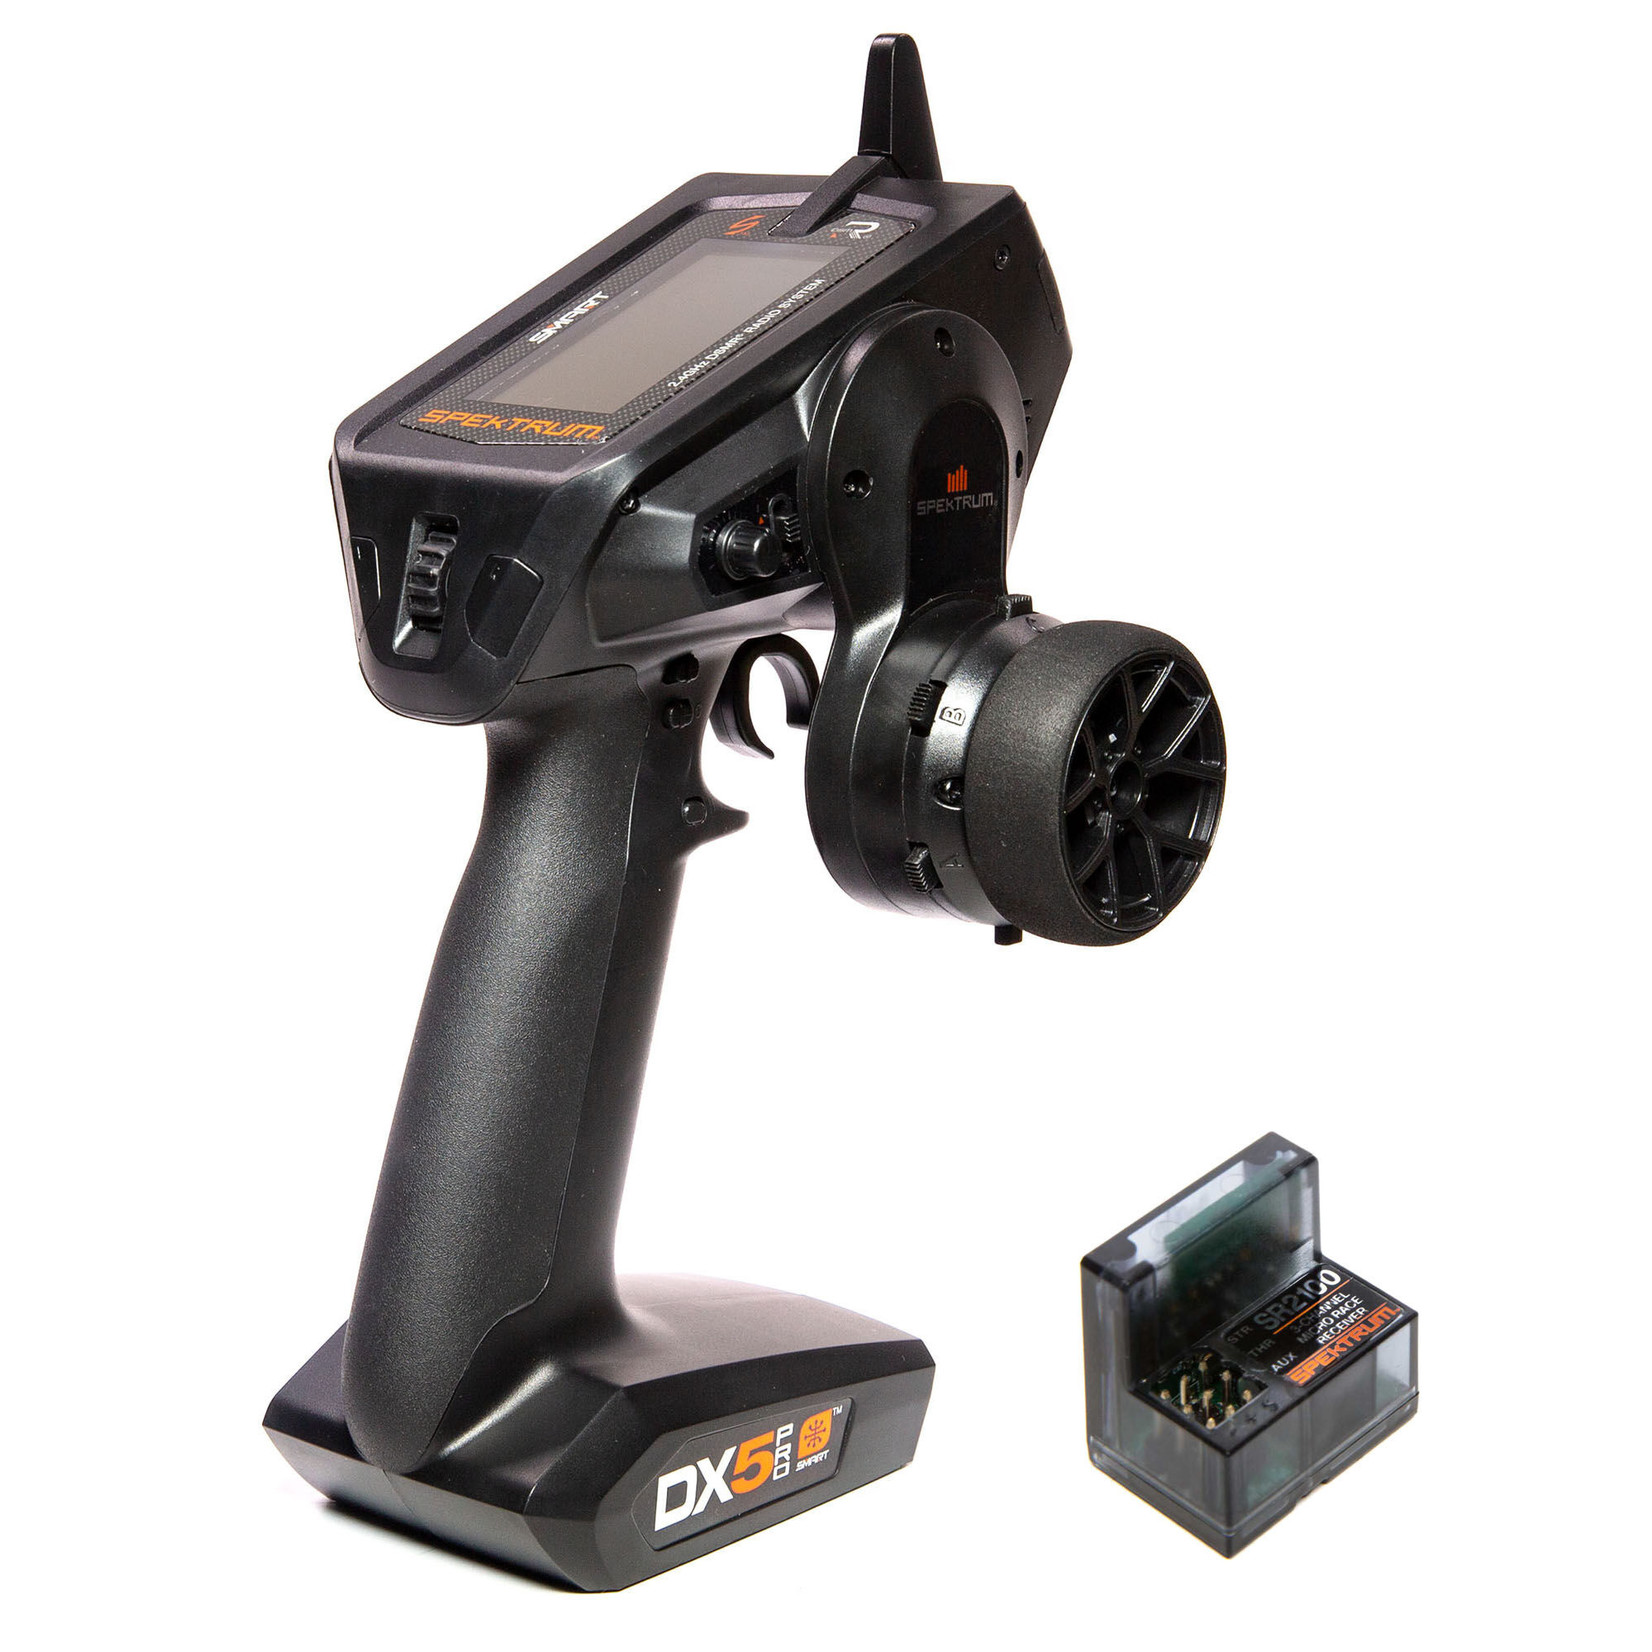 Spektrum SPM5025 Spektrum DX5 Pro 2021 5-Channel DSMR Transmitter with SR2100